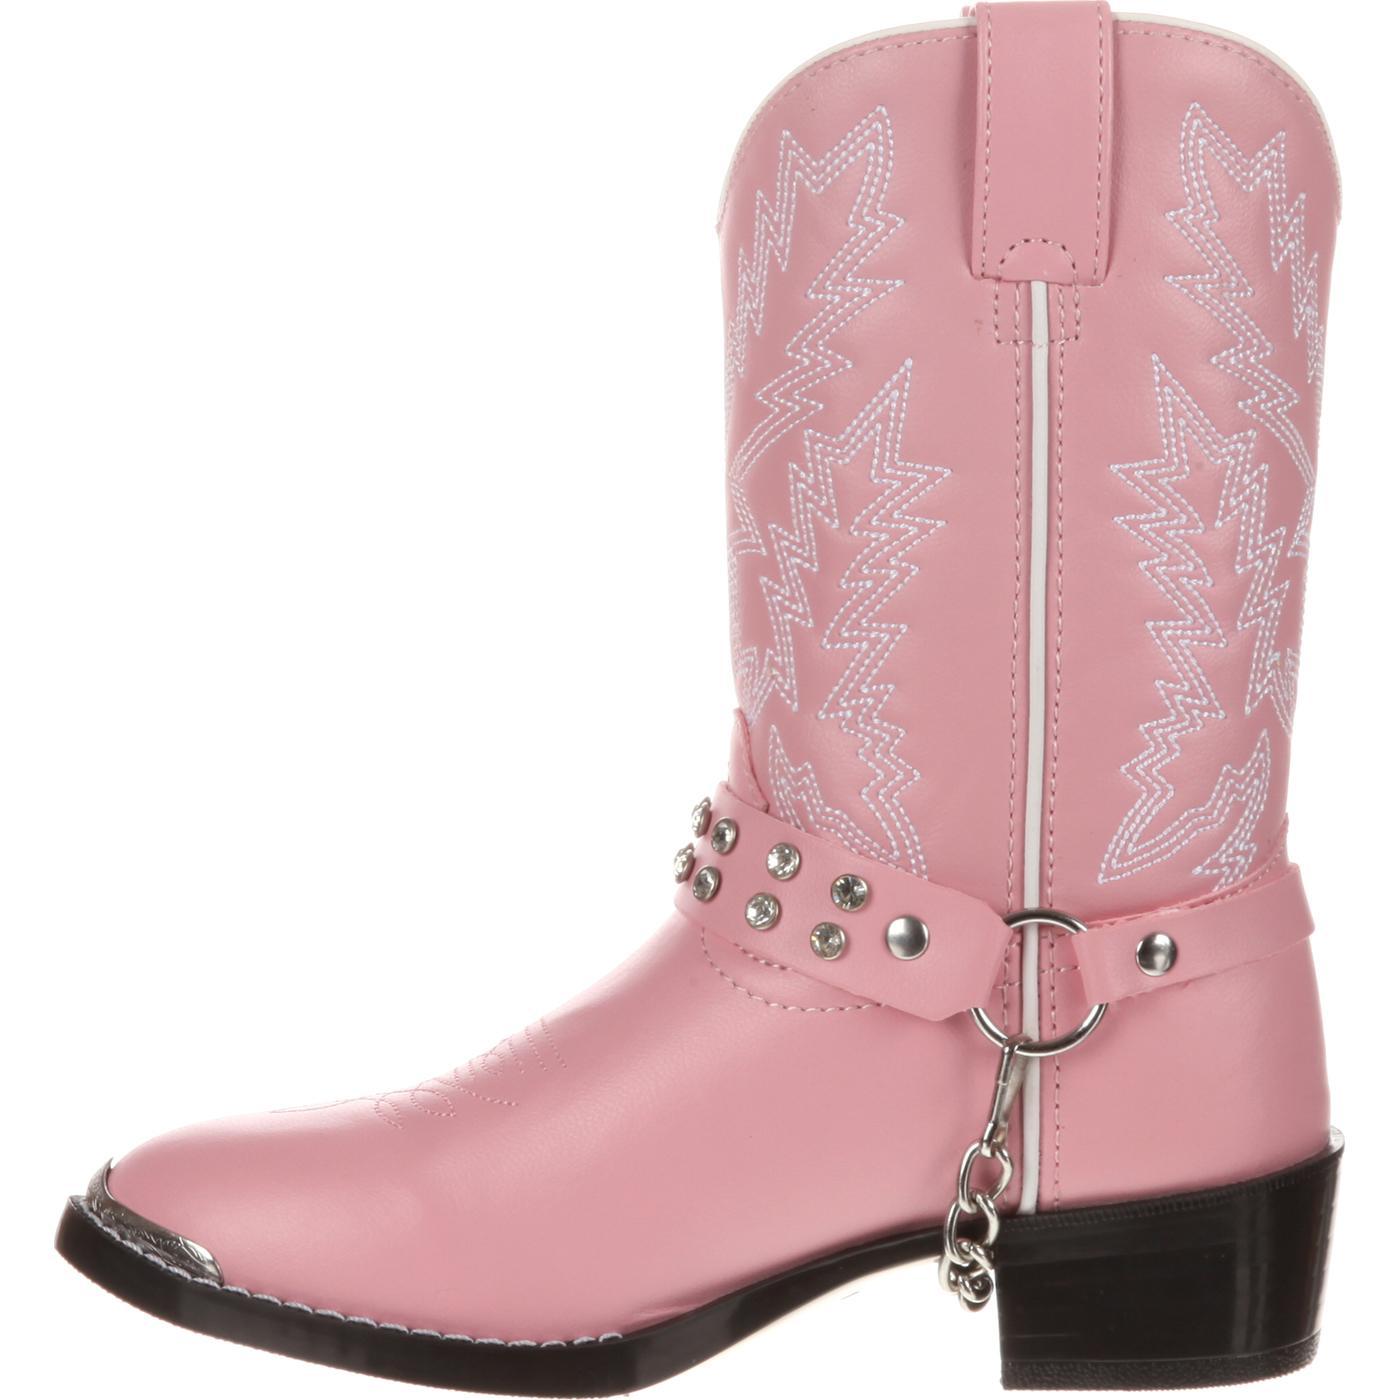 Botas vaqueras Durango para niños rosadas con imitación de diamantes Durango  Little Kid 55121bf825b